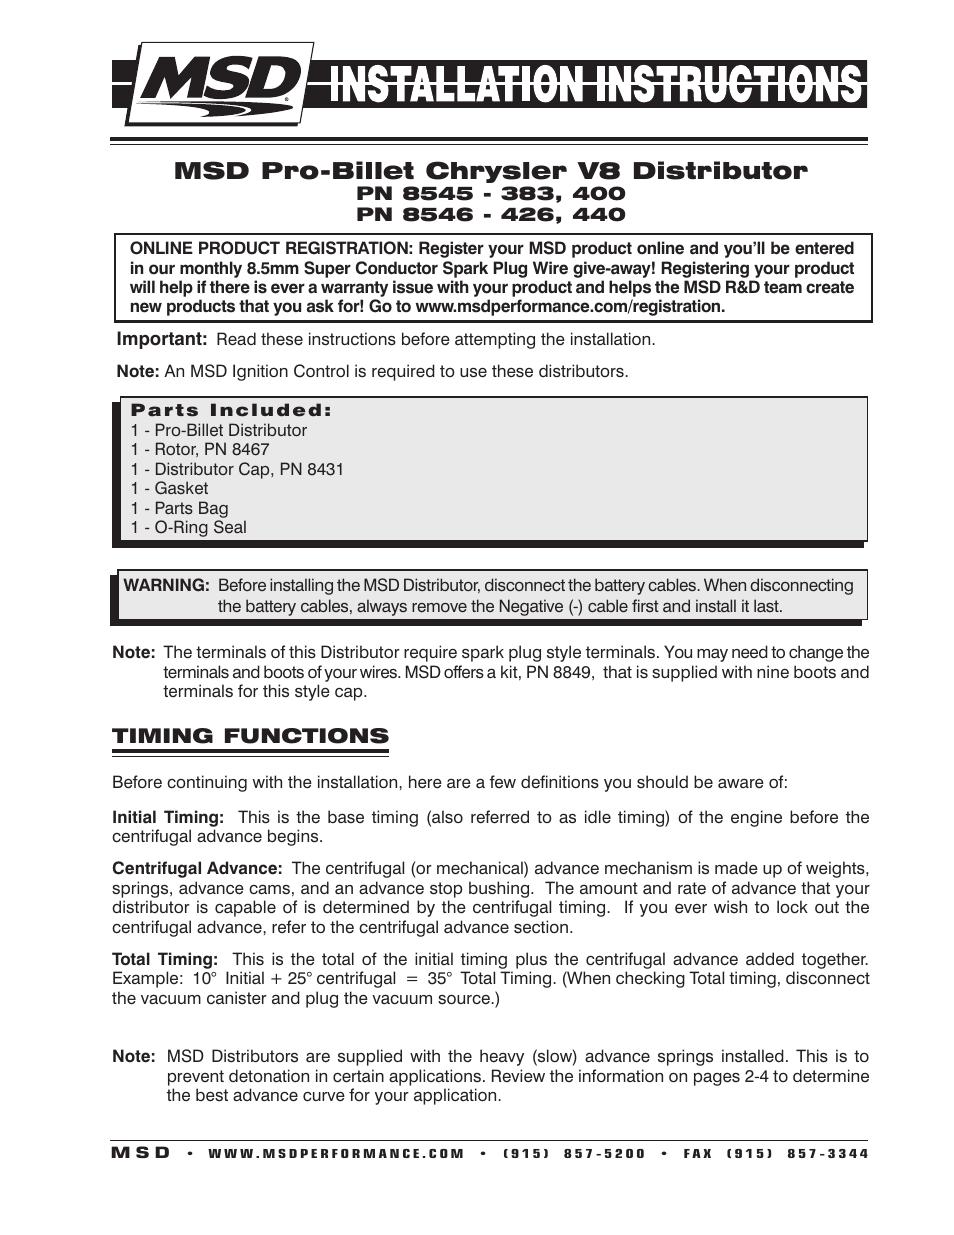 Msd 8546 Chrysler 426 440 Pro Billet Distributor